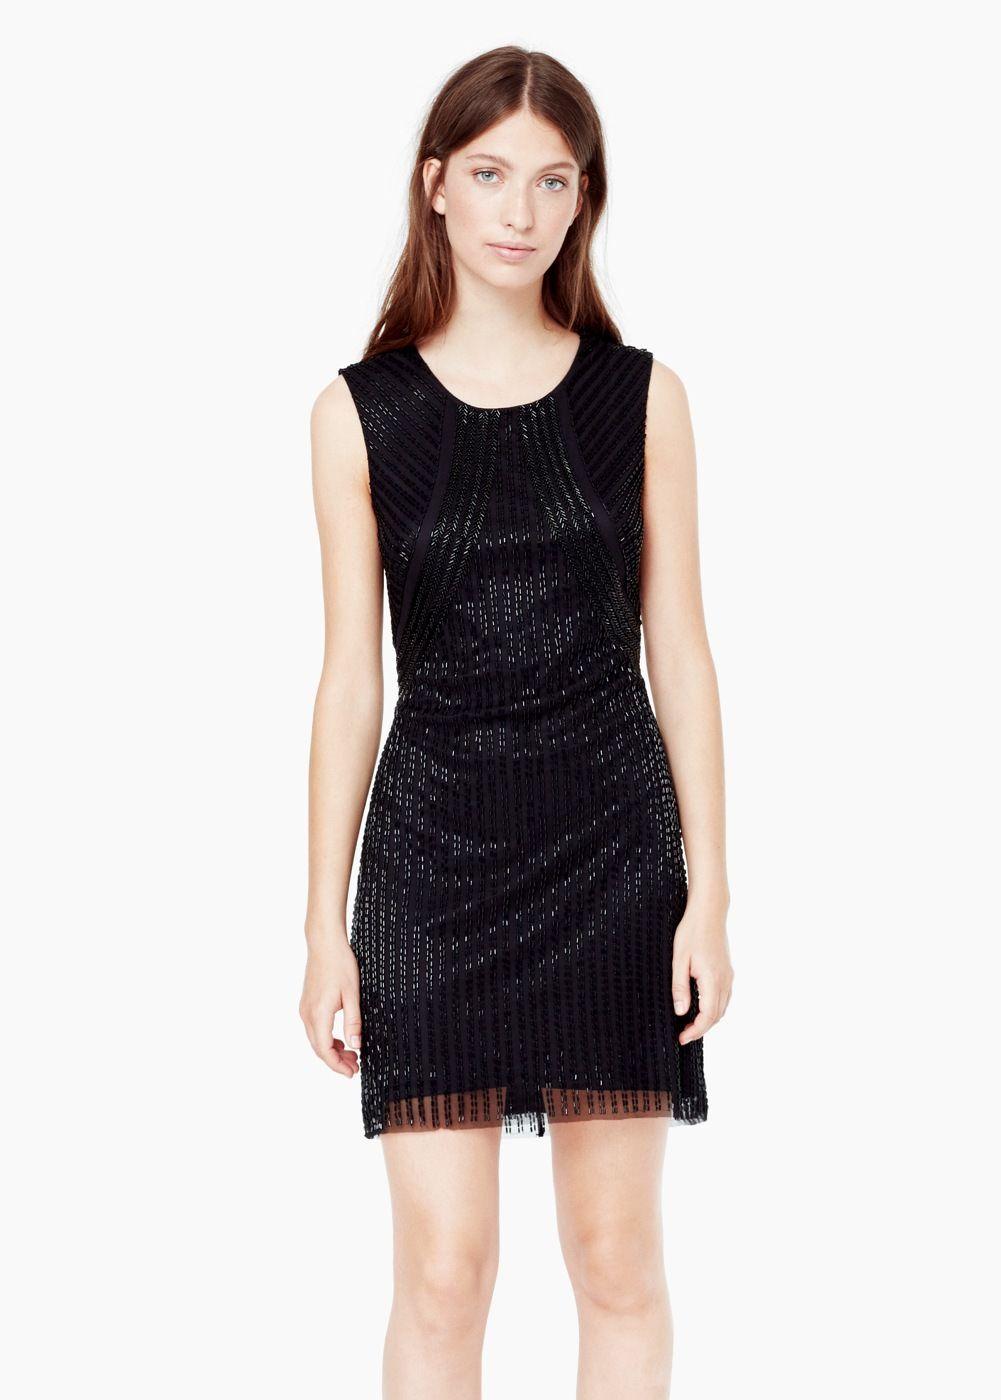 Vestido abalorios cristal - Mujer | Pinterest | Mango, Für damen und ...